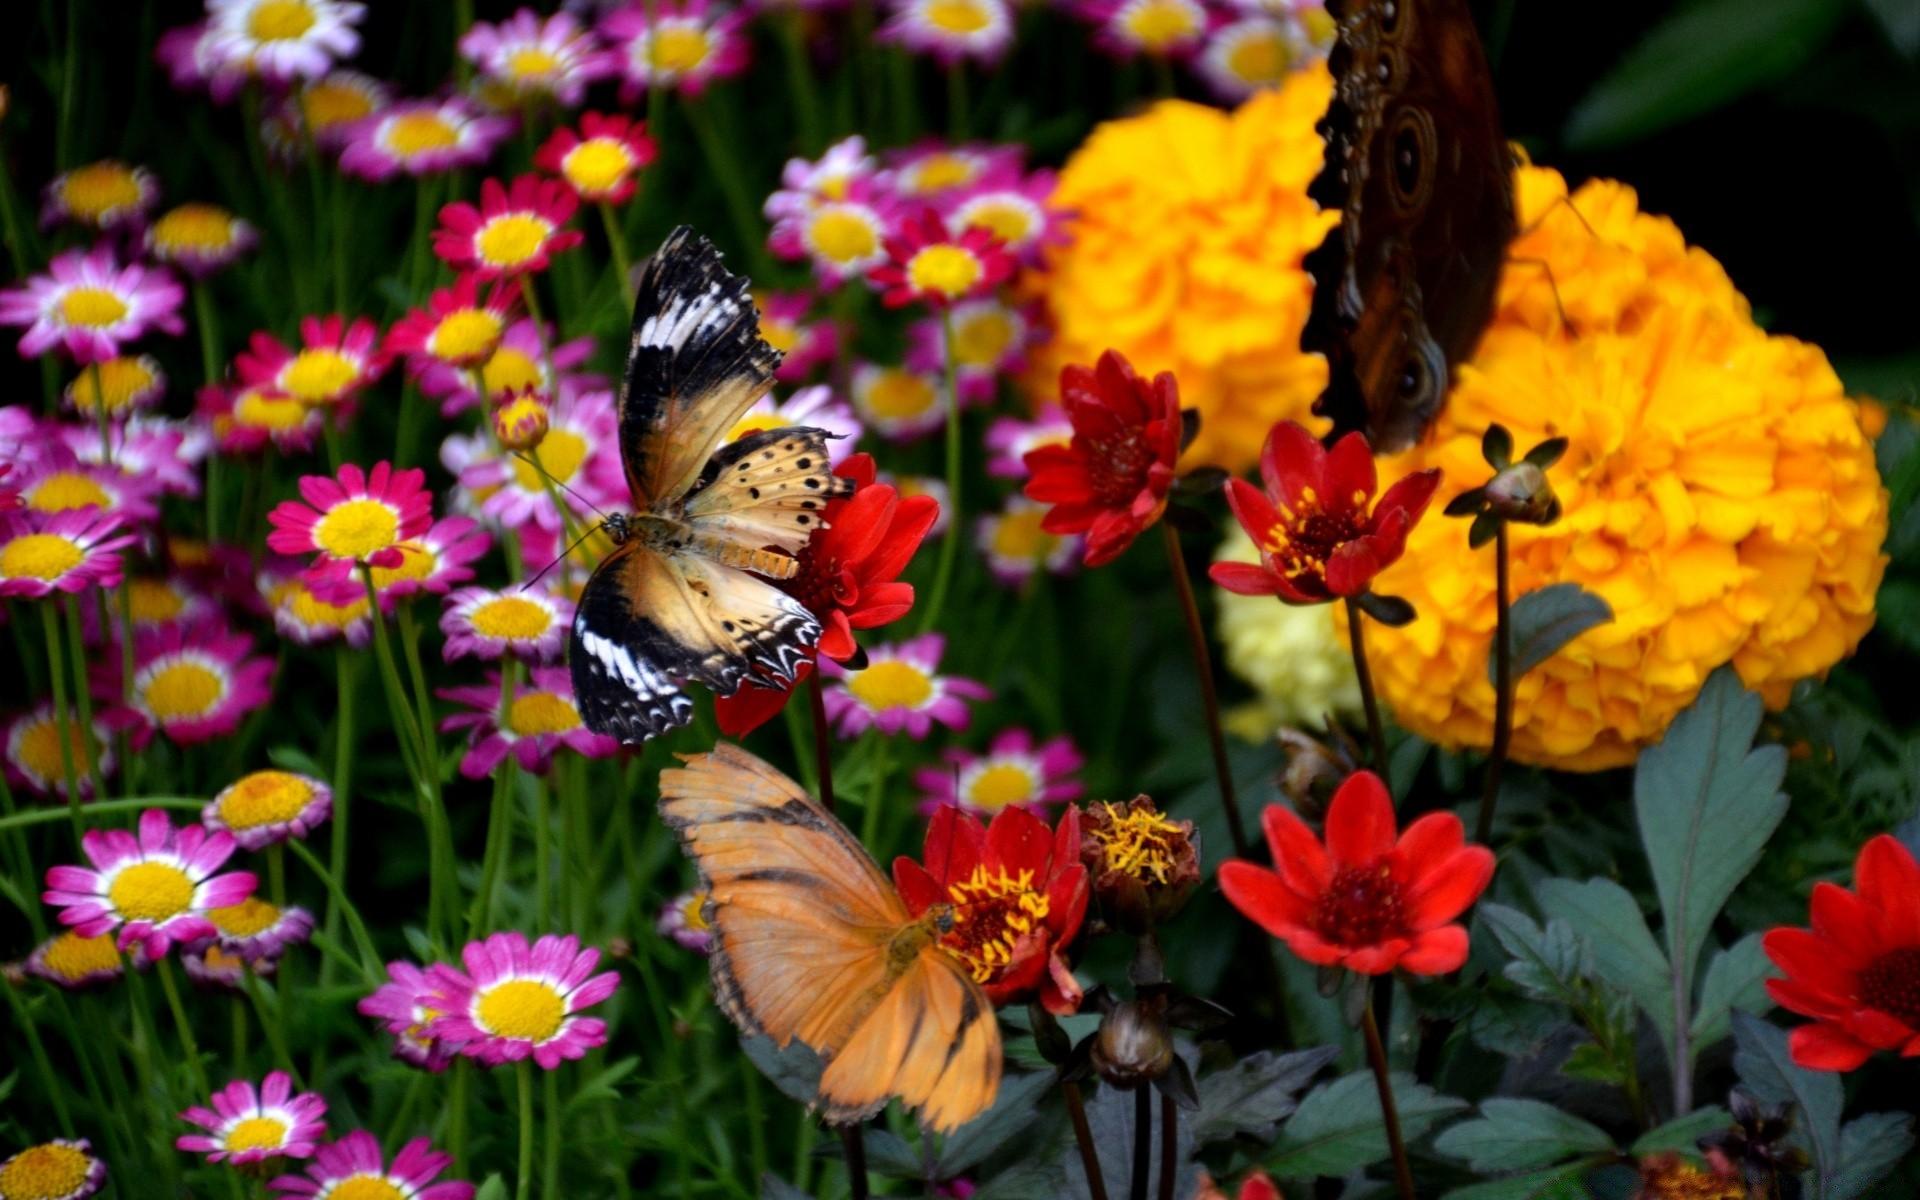 Картинка с изображением цветов и бабочек